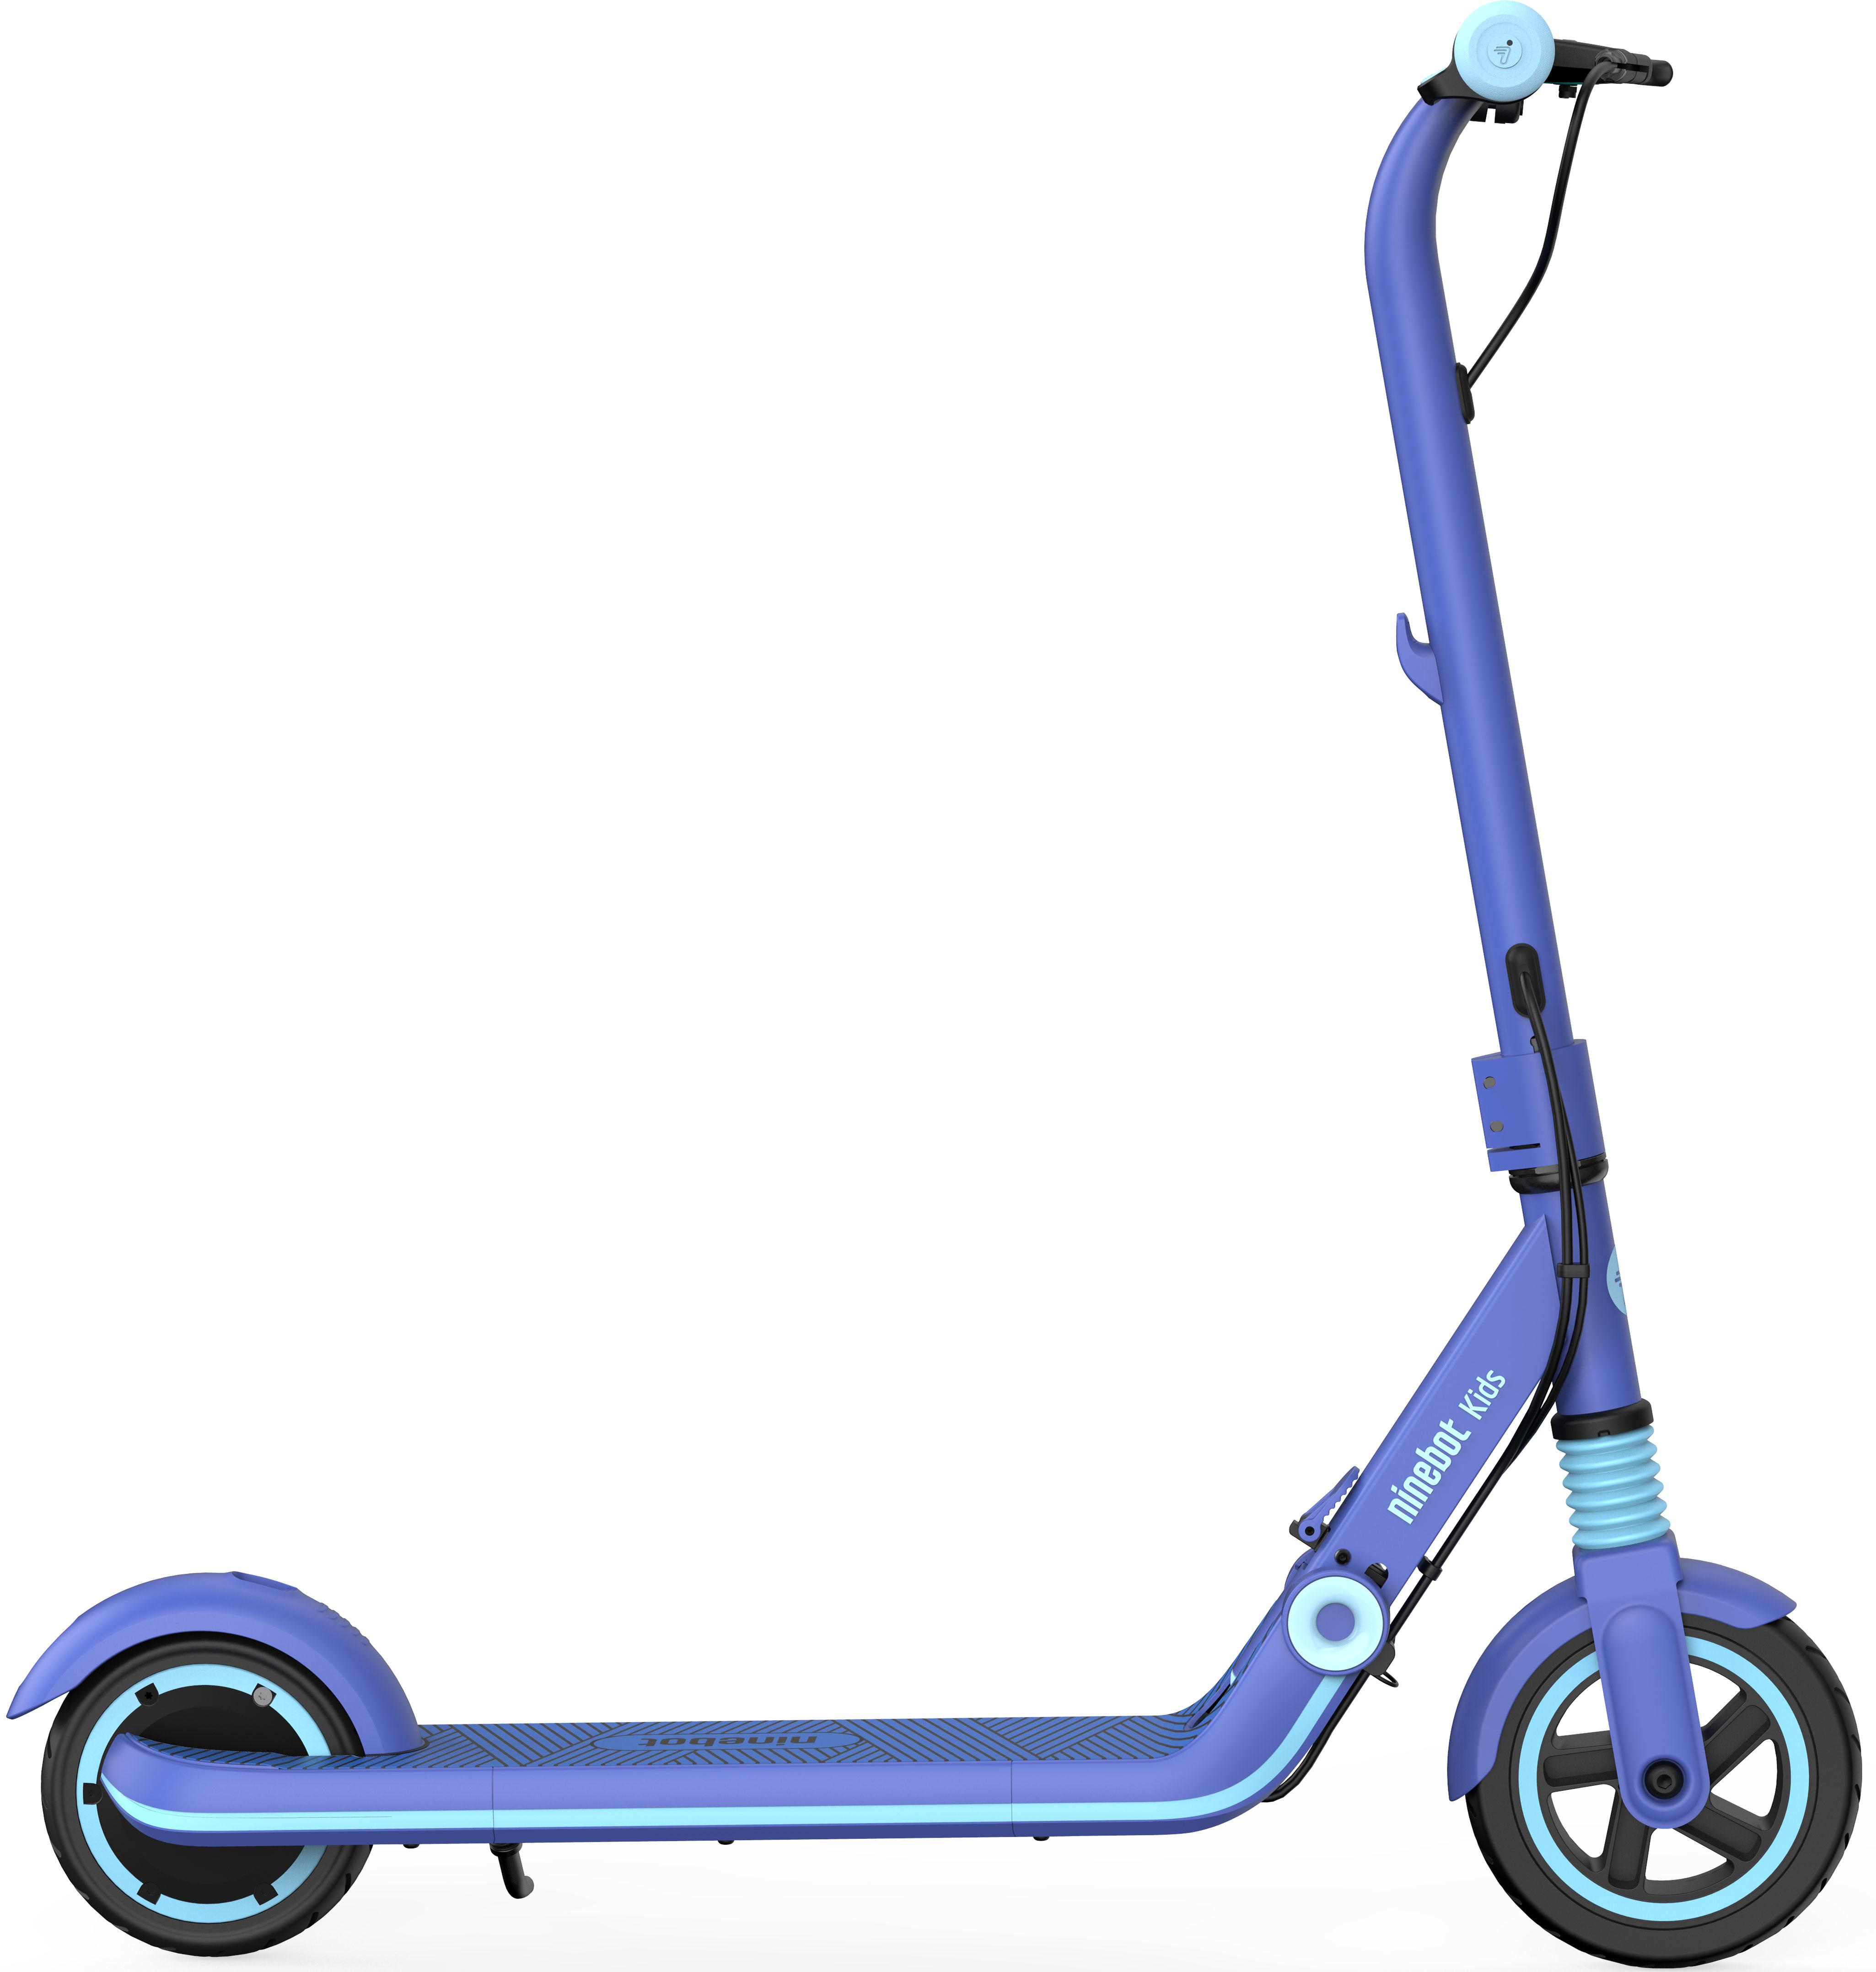 Электросамокат SEGWAY Ninebot E8 Blue (AA.00.0002.26) Максимальная мощность, Вт 200